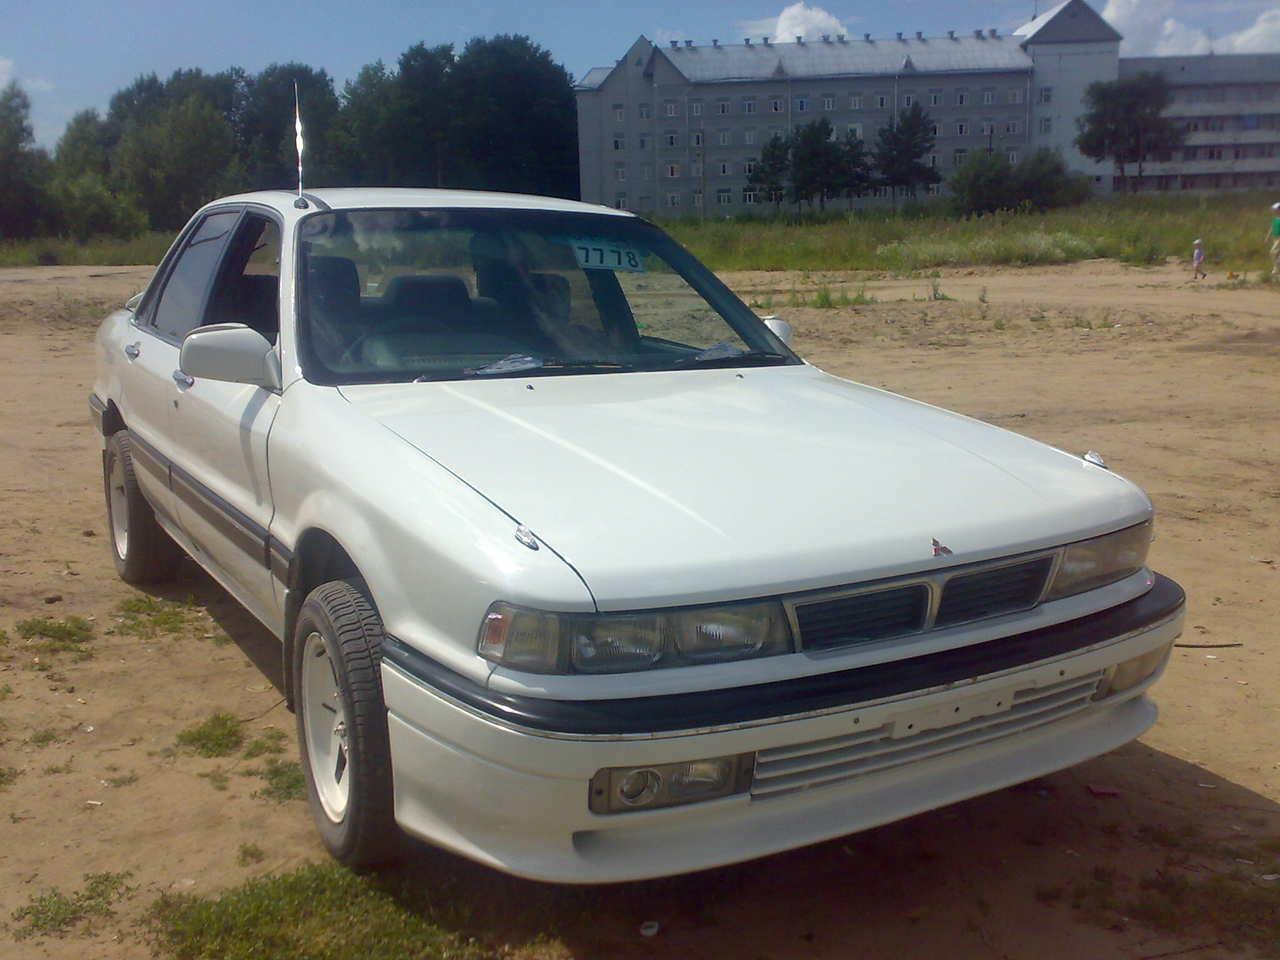 Photo #1 - Enlarge photo 1280x960 1989 Mitsubishi Galant Photos